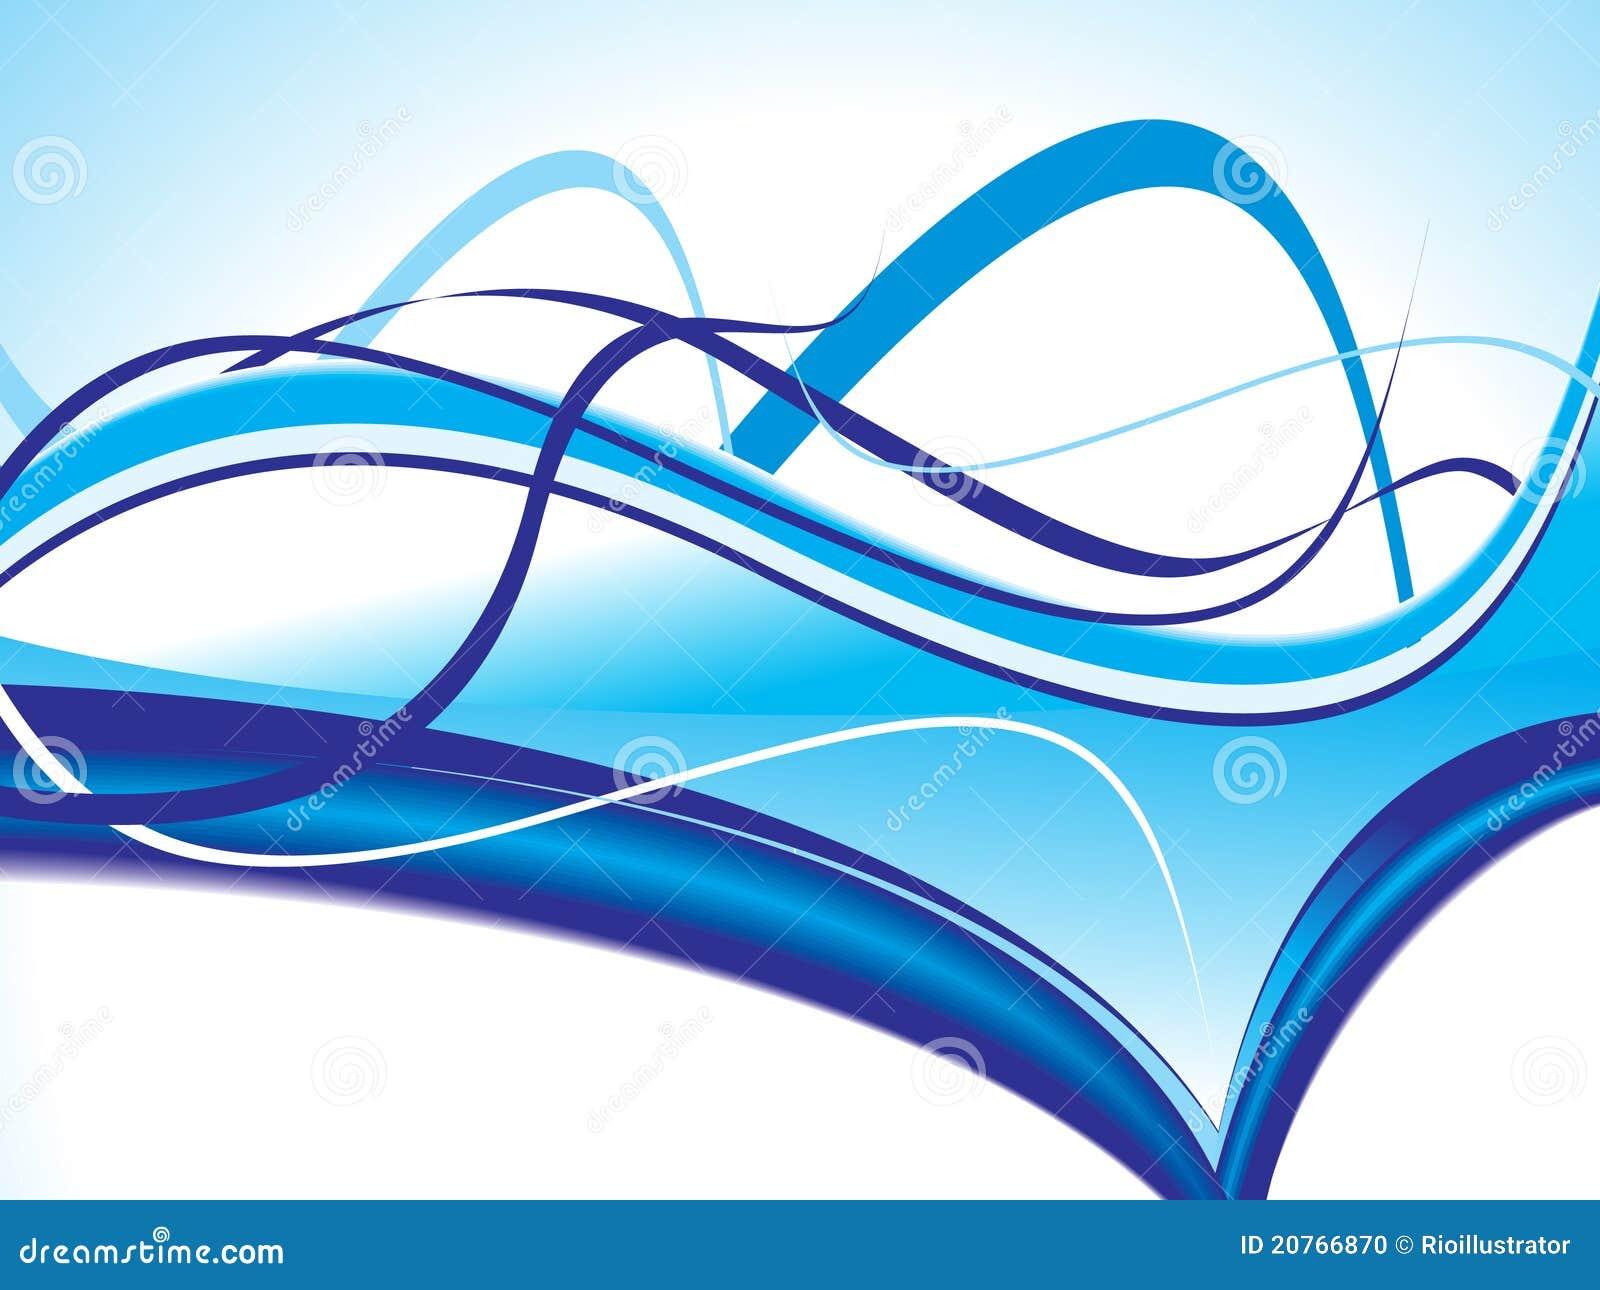 Fondo Azul Metálico Abstracto De Diseño Moderno De La: Fondo Azul Abstracto De La Onda Del Vector Ilustración Del